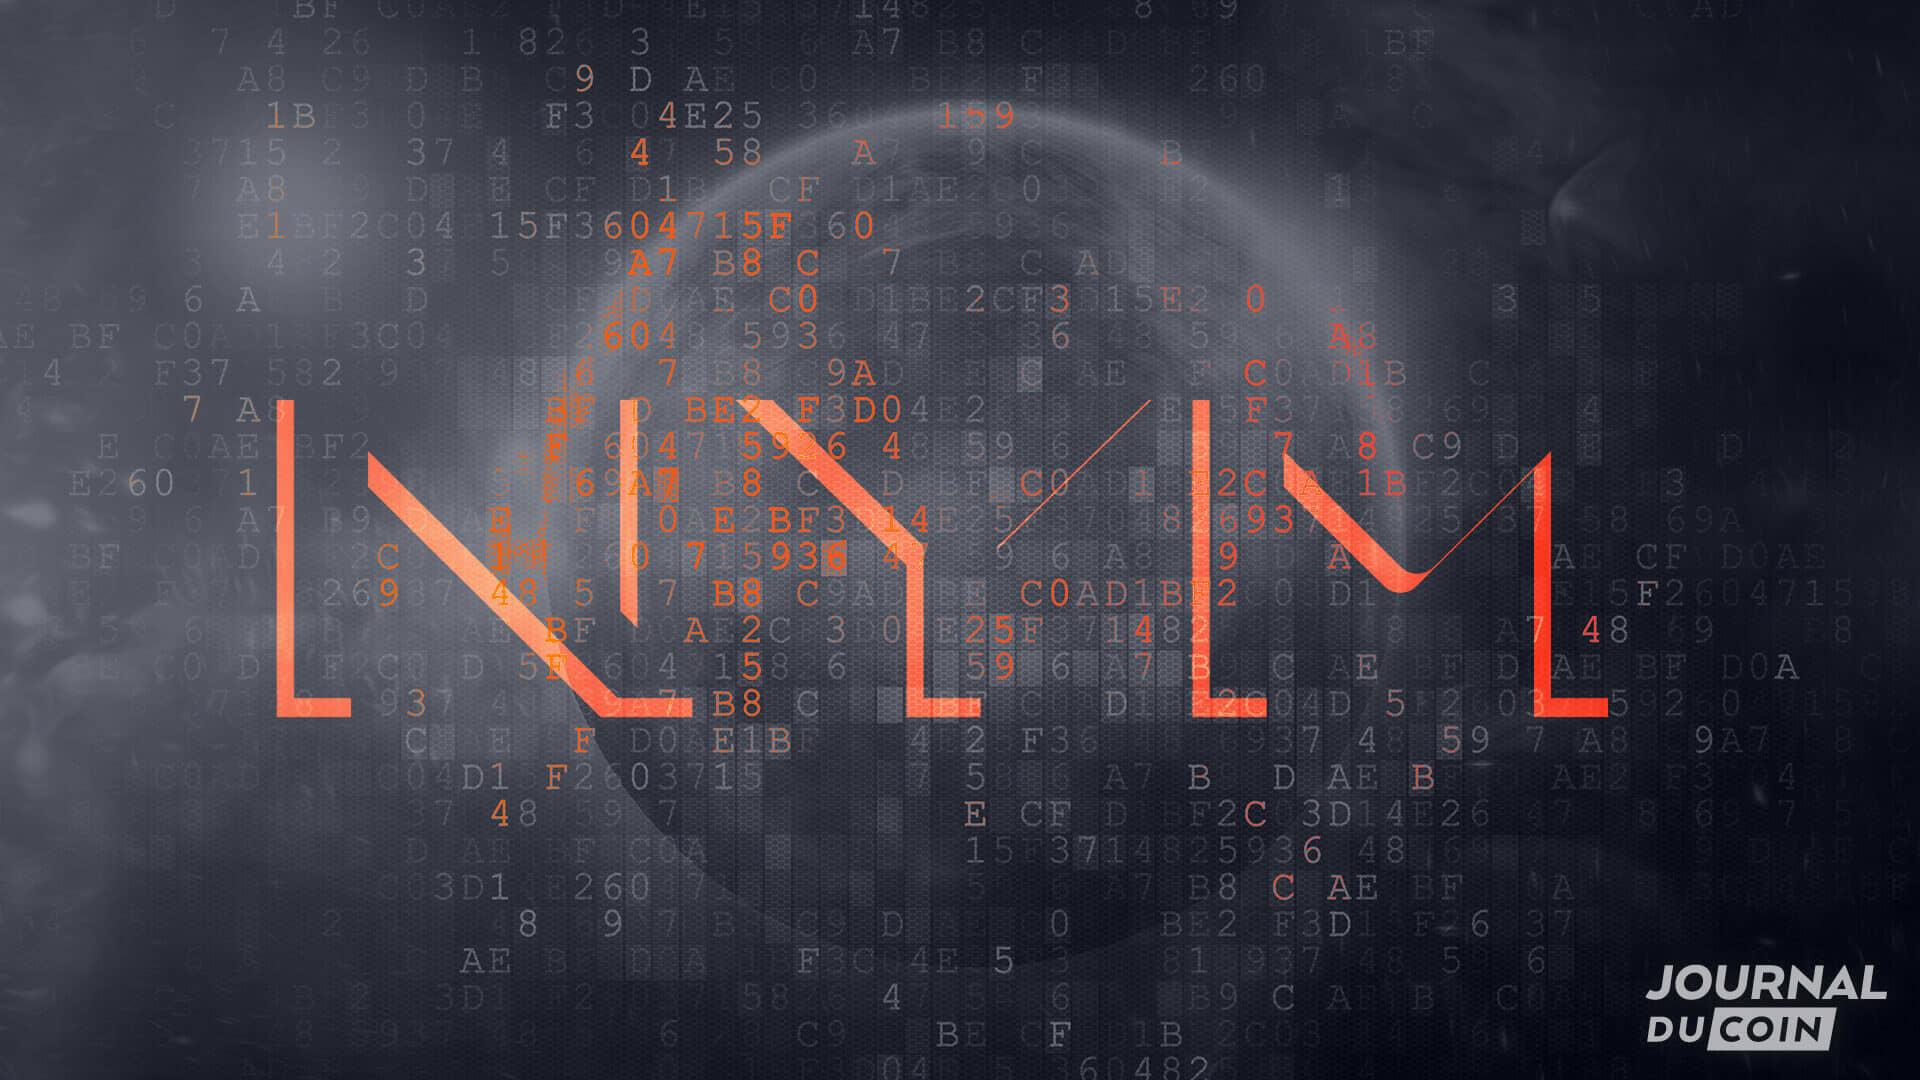 Nym Protocol : comprendre le projet d'Internet libéré de la surveillance, grâce aux cryptomonnaies